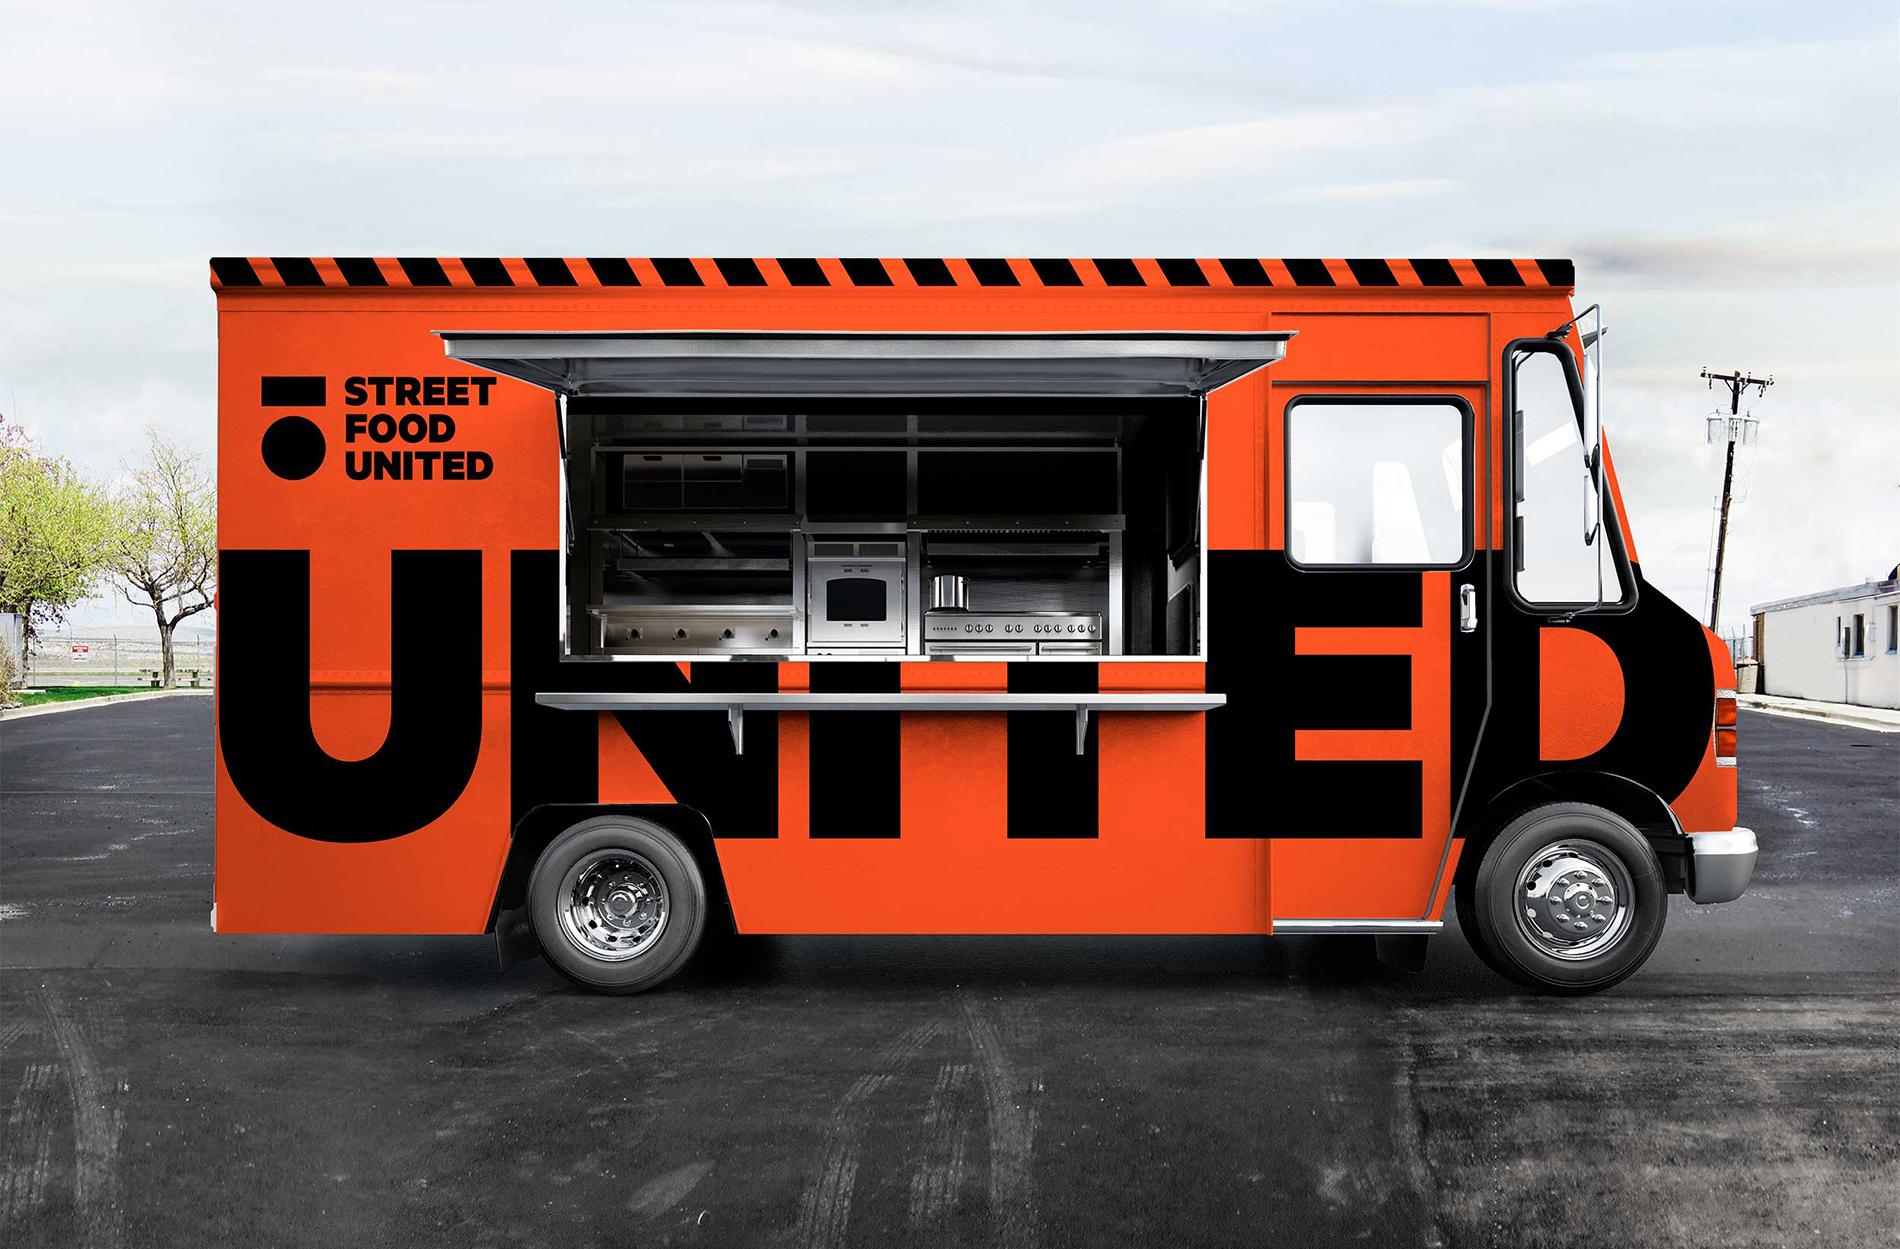 Food Truck Eventagentur und Cateringagentur aus Düsseldorf